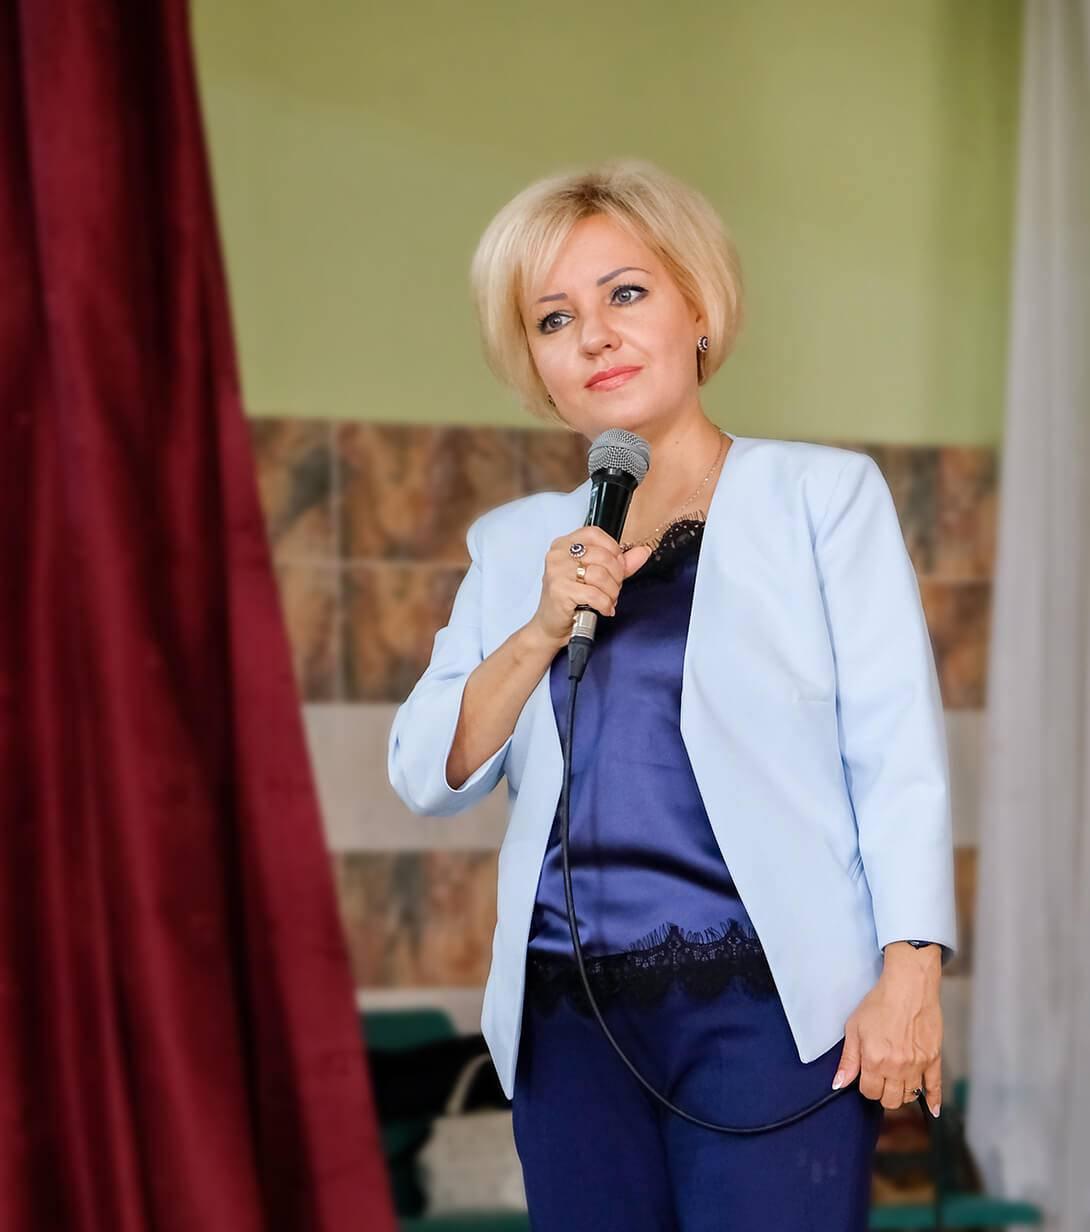 Винница. Открытый семинар посвящённый ВОЗМОЖНОСТЯМ ЧЕЛОВЕКА. 22 июля 2018